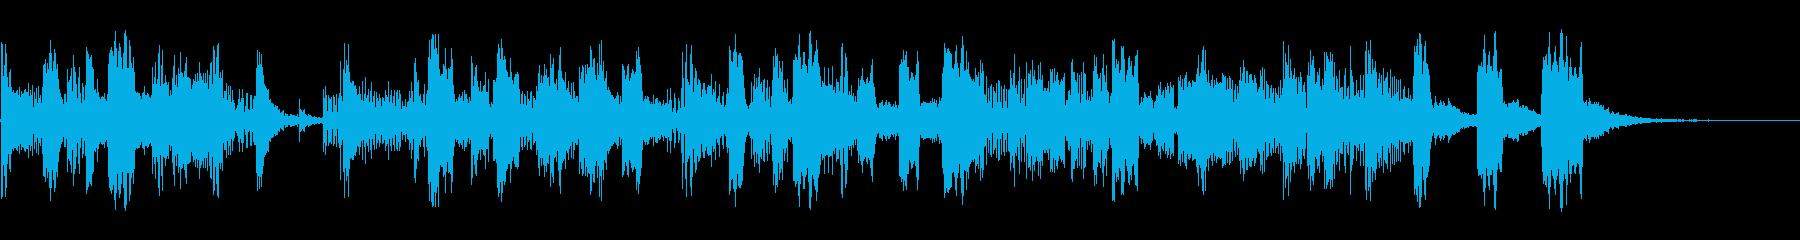 明るいジングル・場面転換・オープニングの再生済みの波形